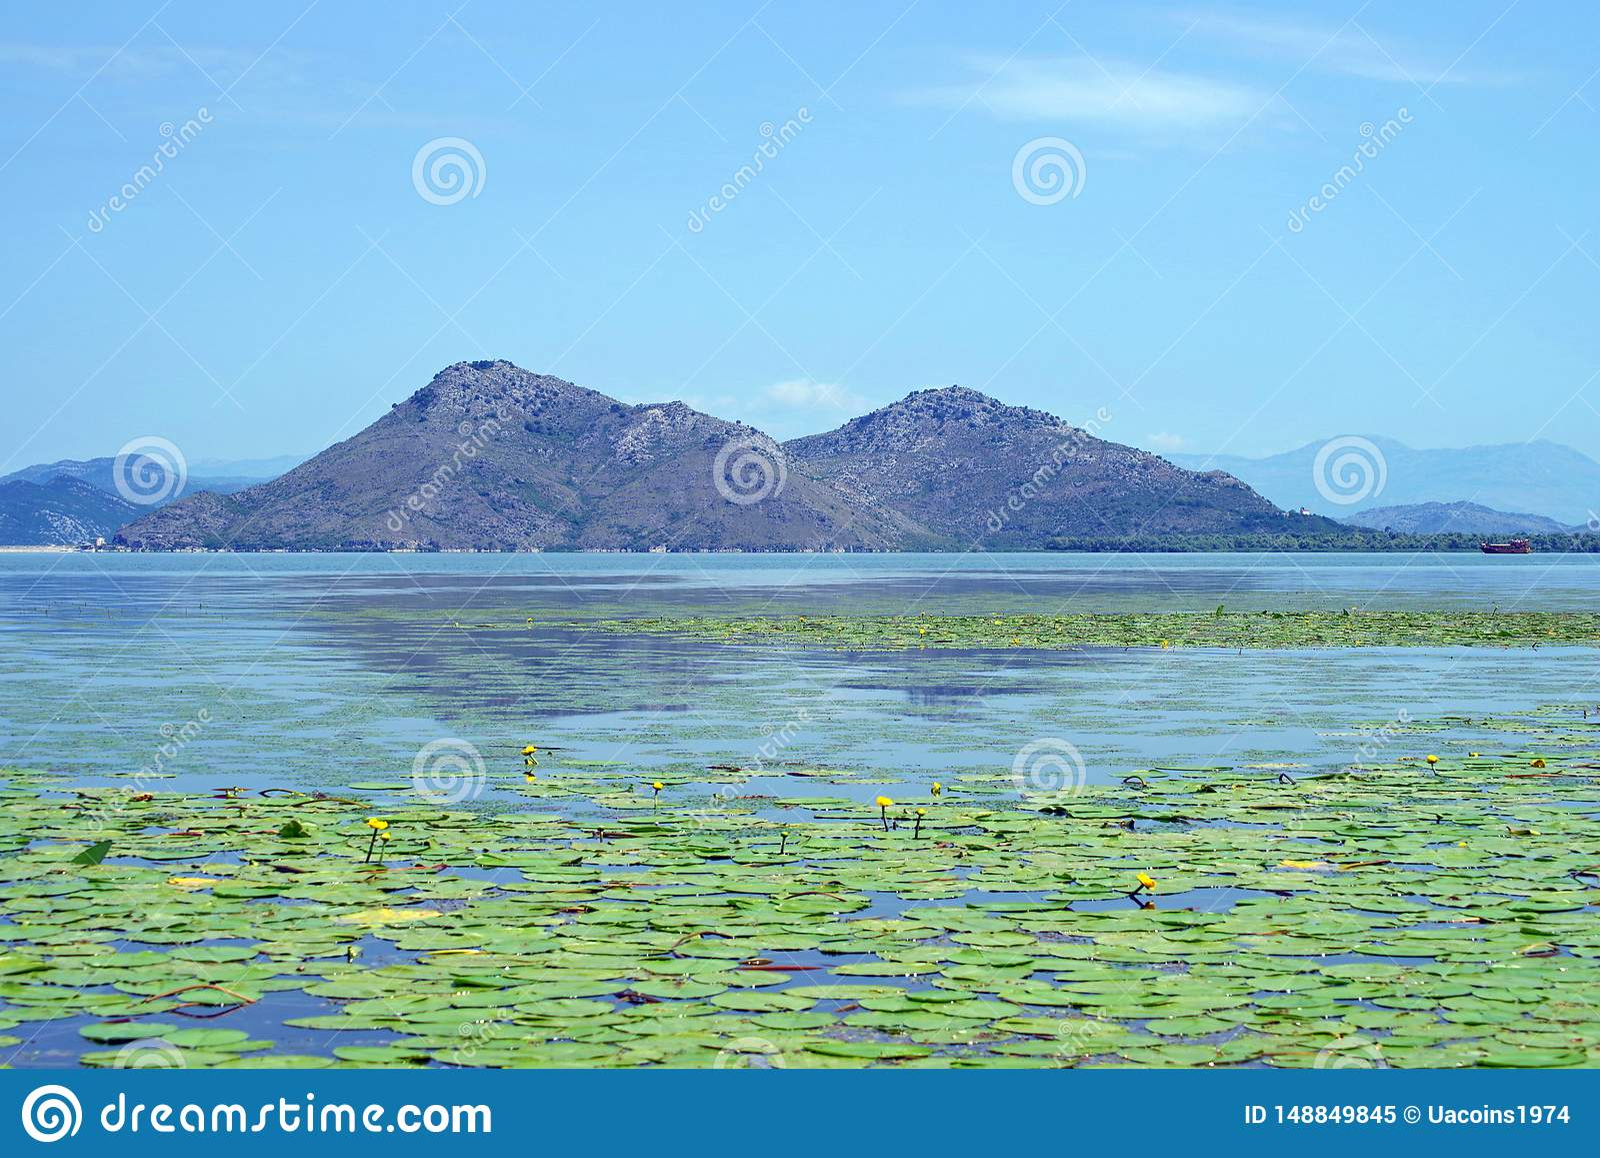 Lago Skadar reserve em Montenegro